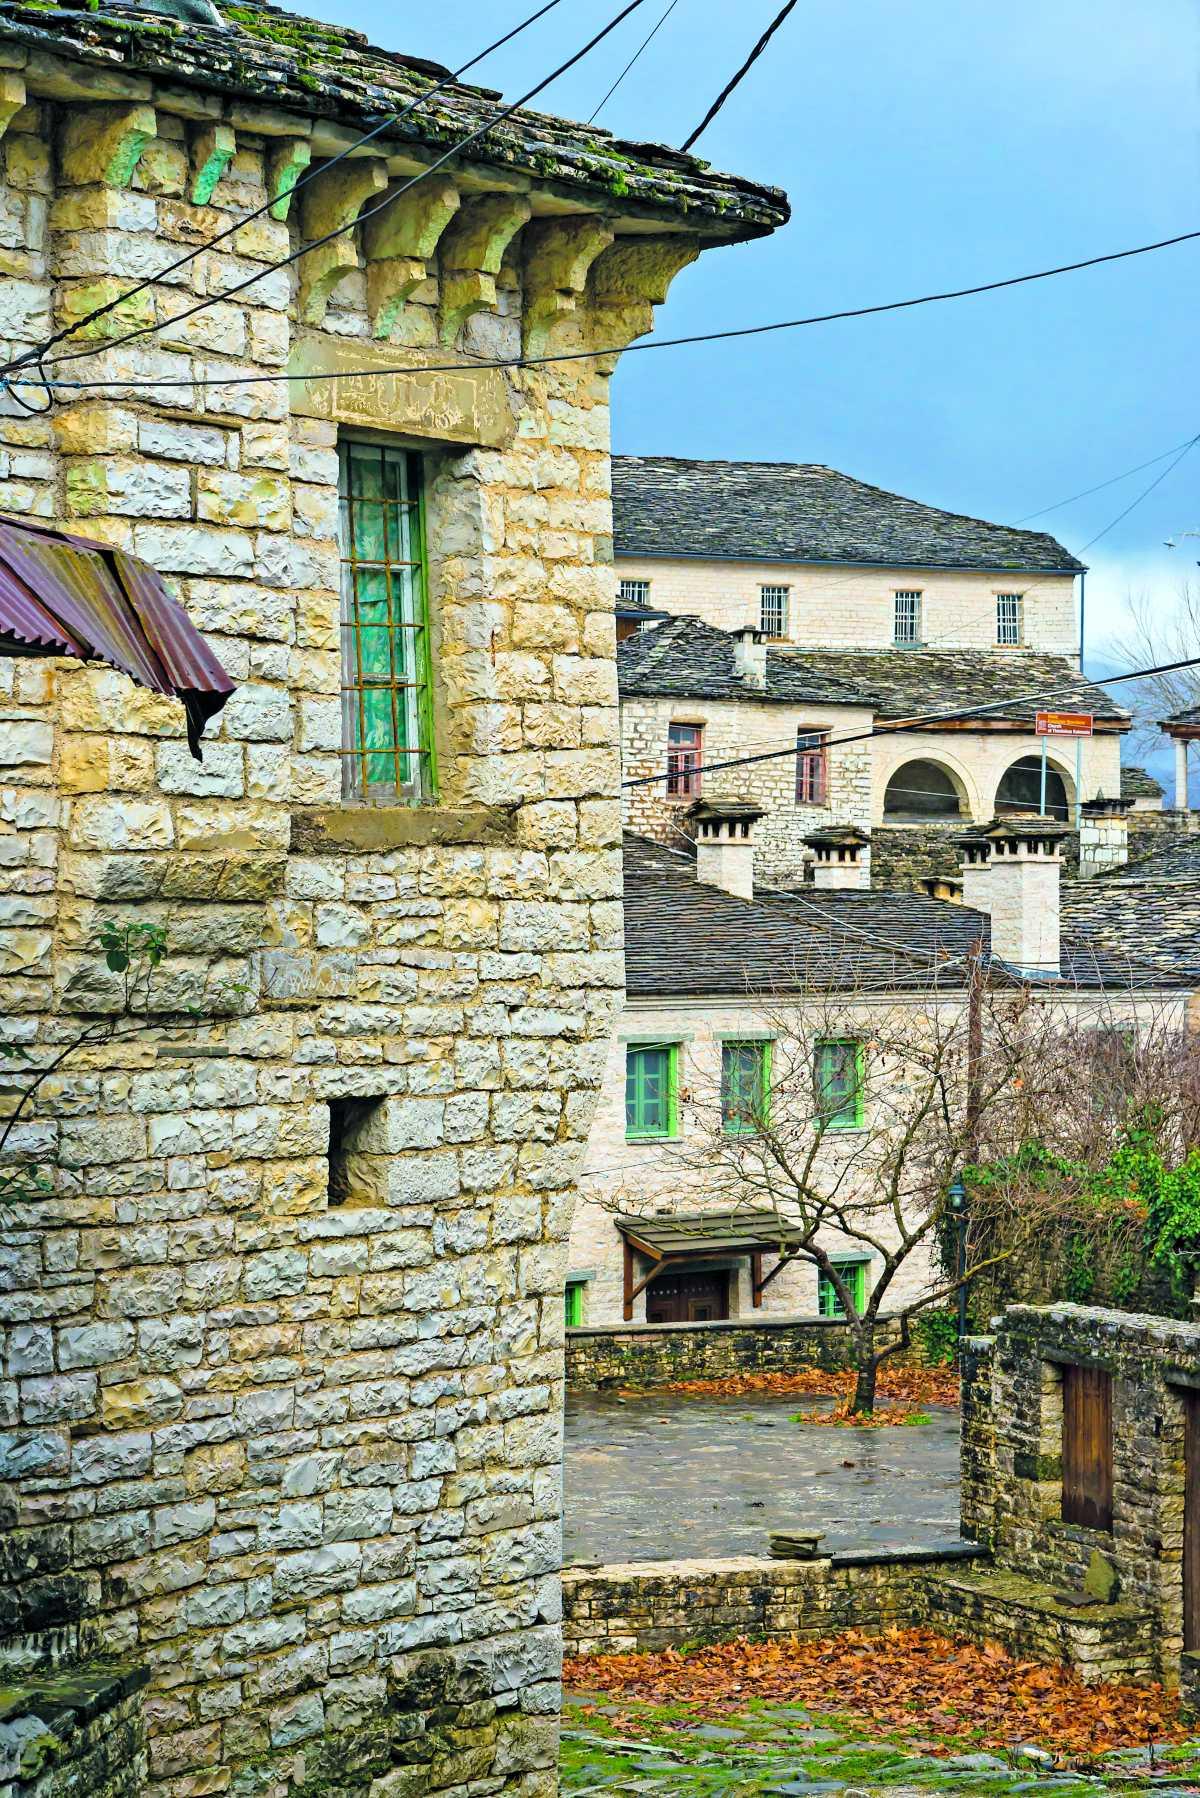 Τα πετρόχτιστα σπίτια στο Δίλοφο Ζαγορίου